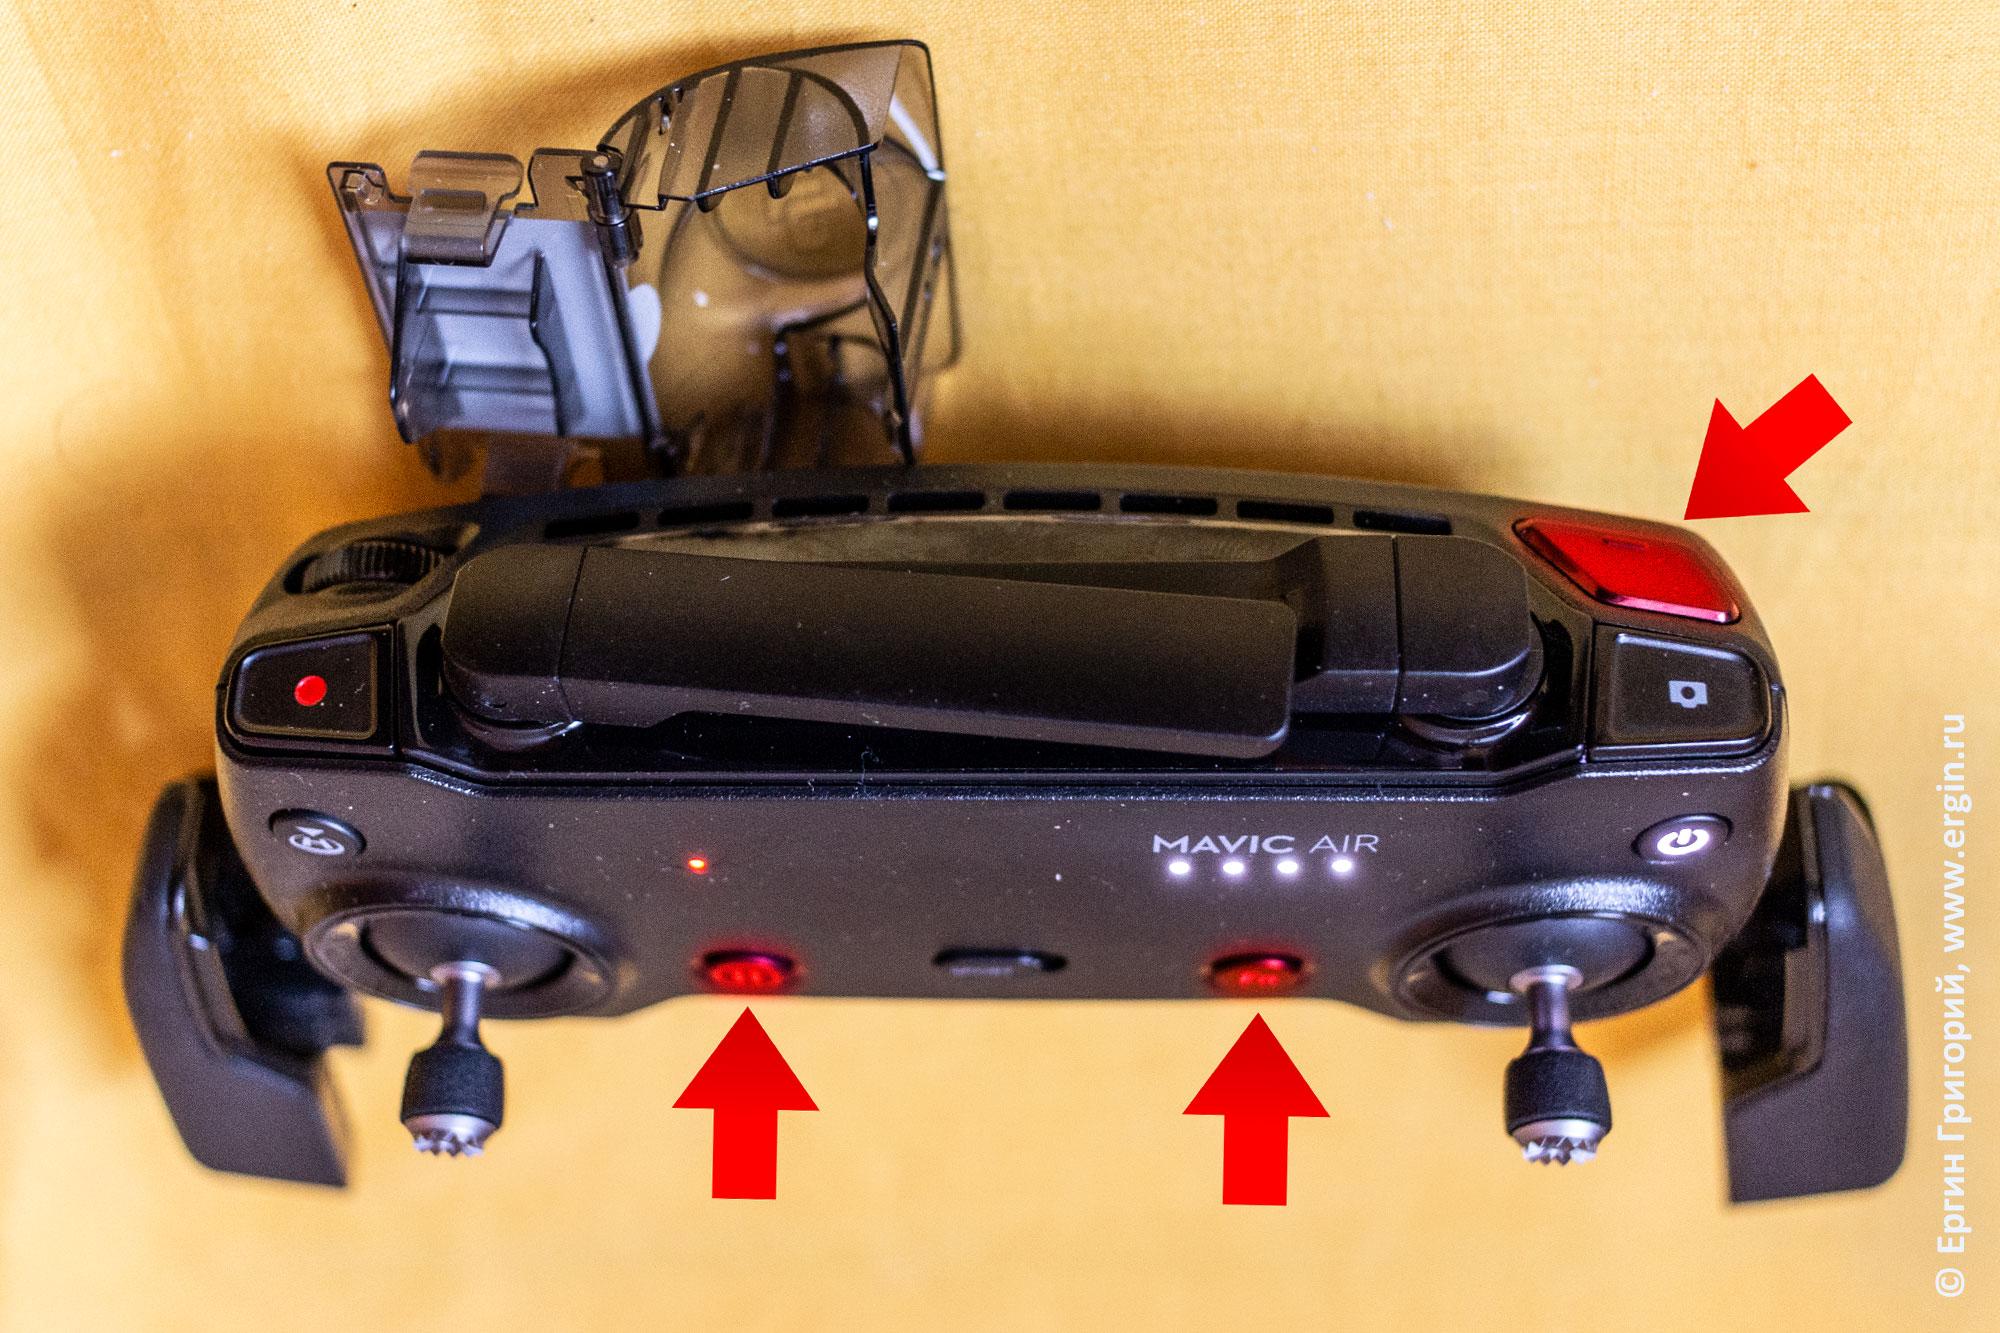 Как соединить пульт DJI Mavic Air с коптером дроном